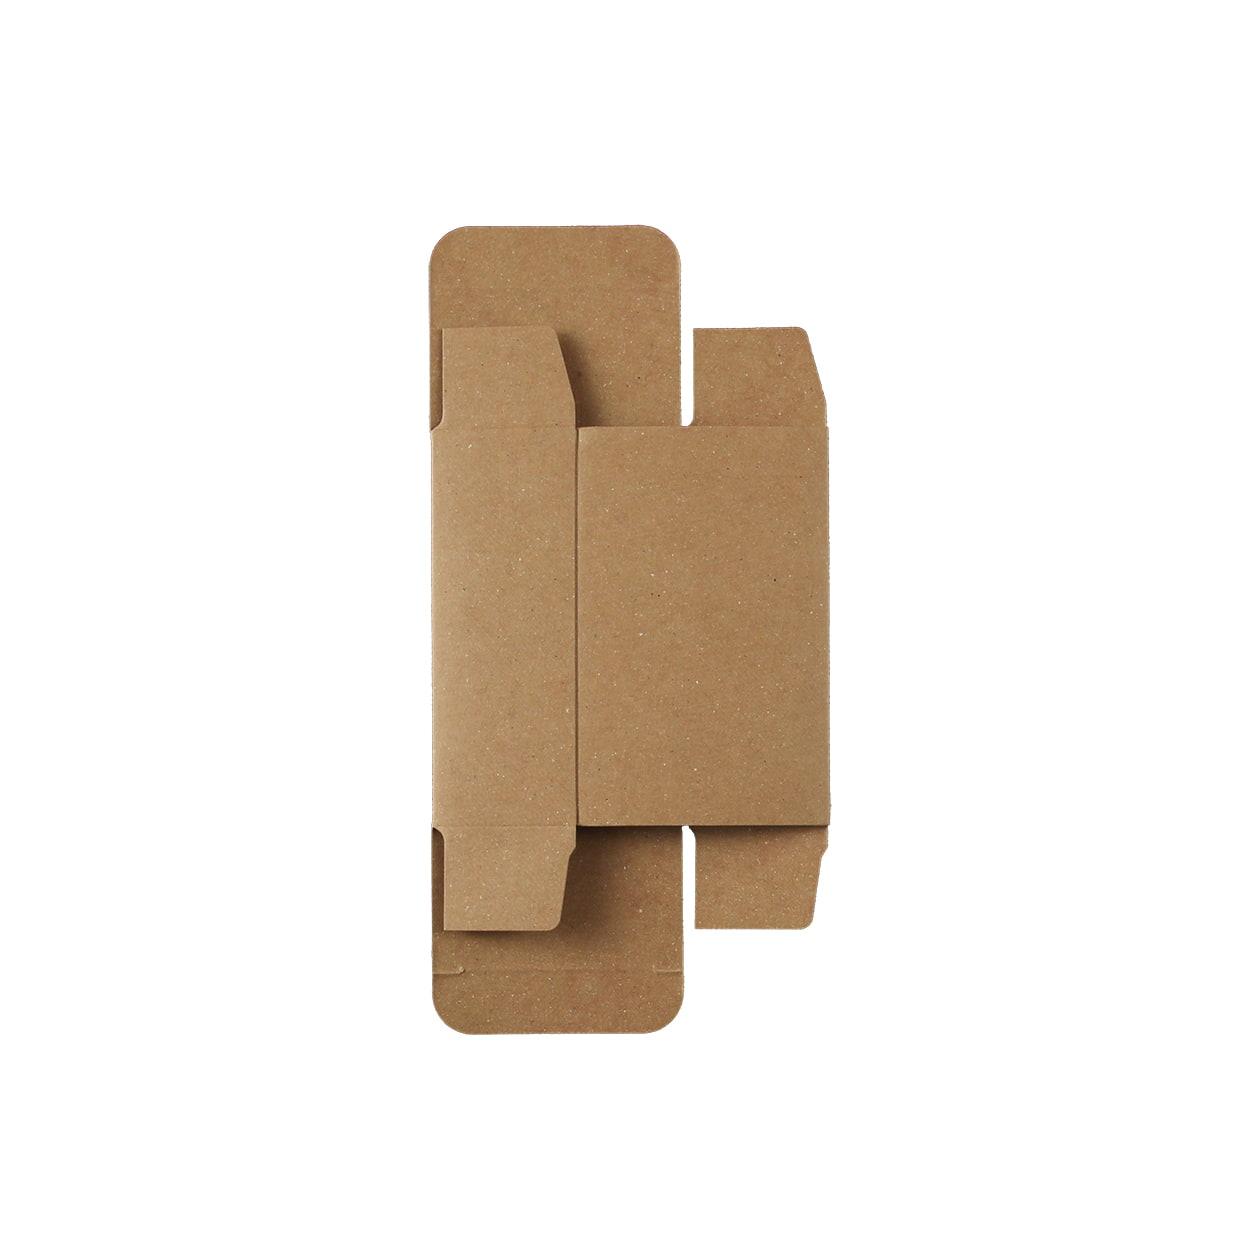 キャラメル箱60×35×95 ボード紙 ブラウン 270g